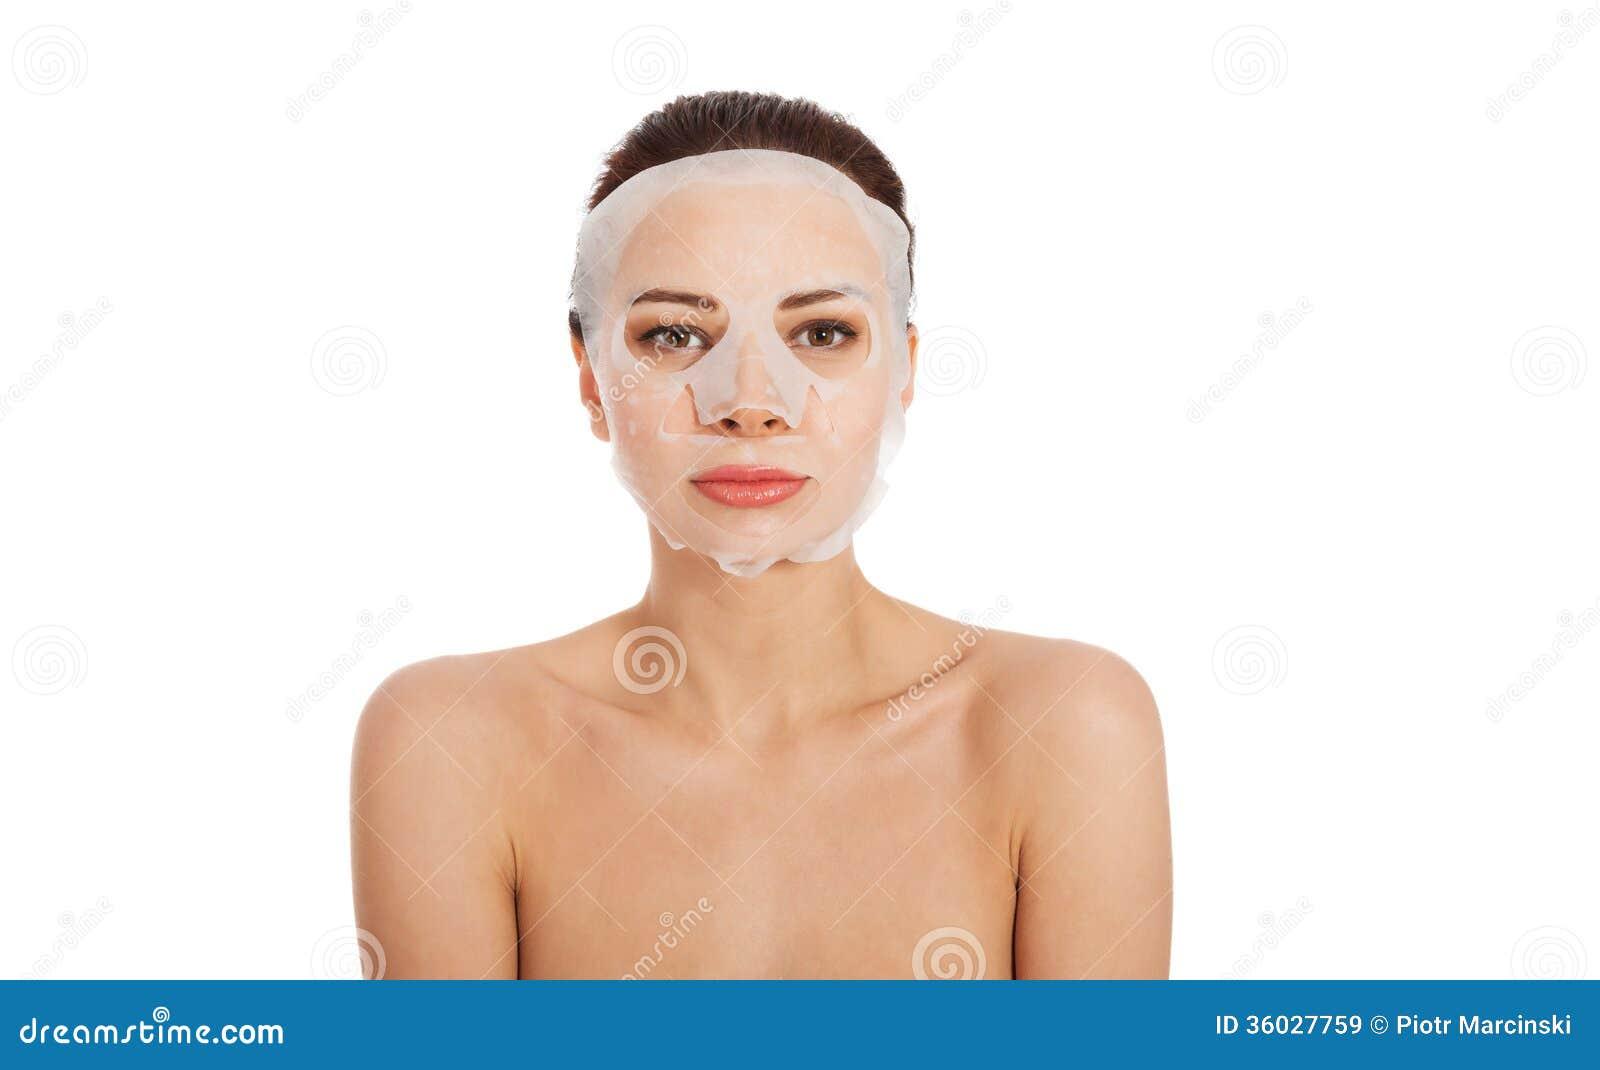 Lizenzfreie stockbilder schönheit mit kollagenmaske auf gesicht